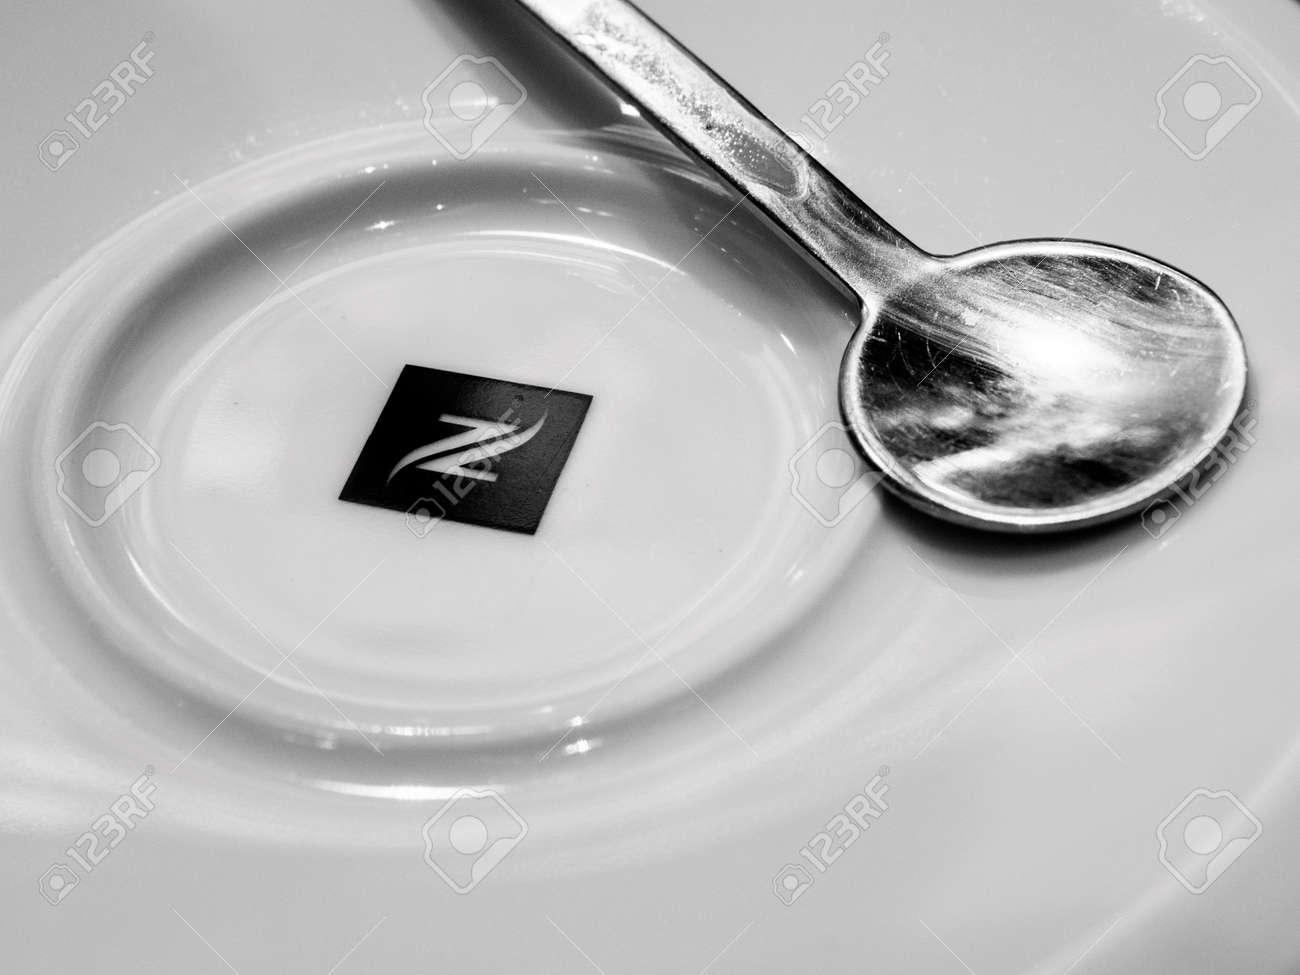 strasbourg france apr 27 2017 nespresso logotype on coffee